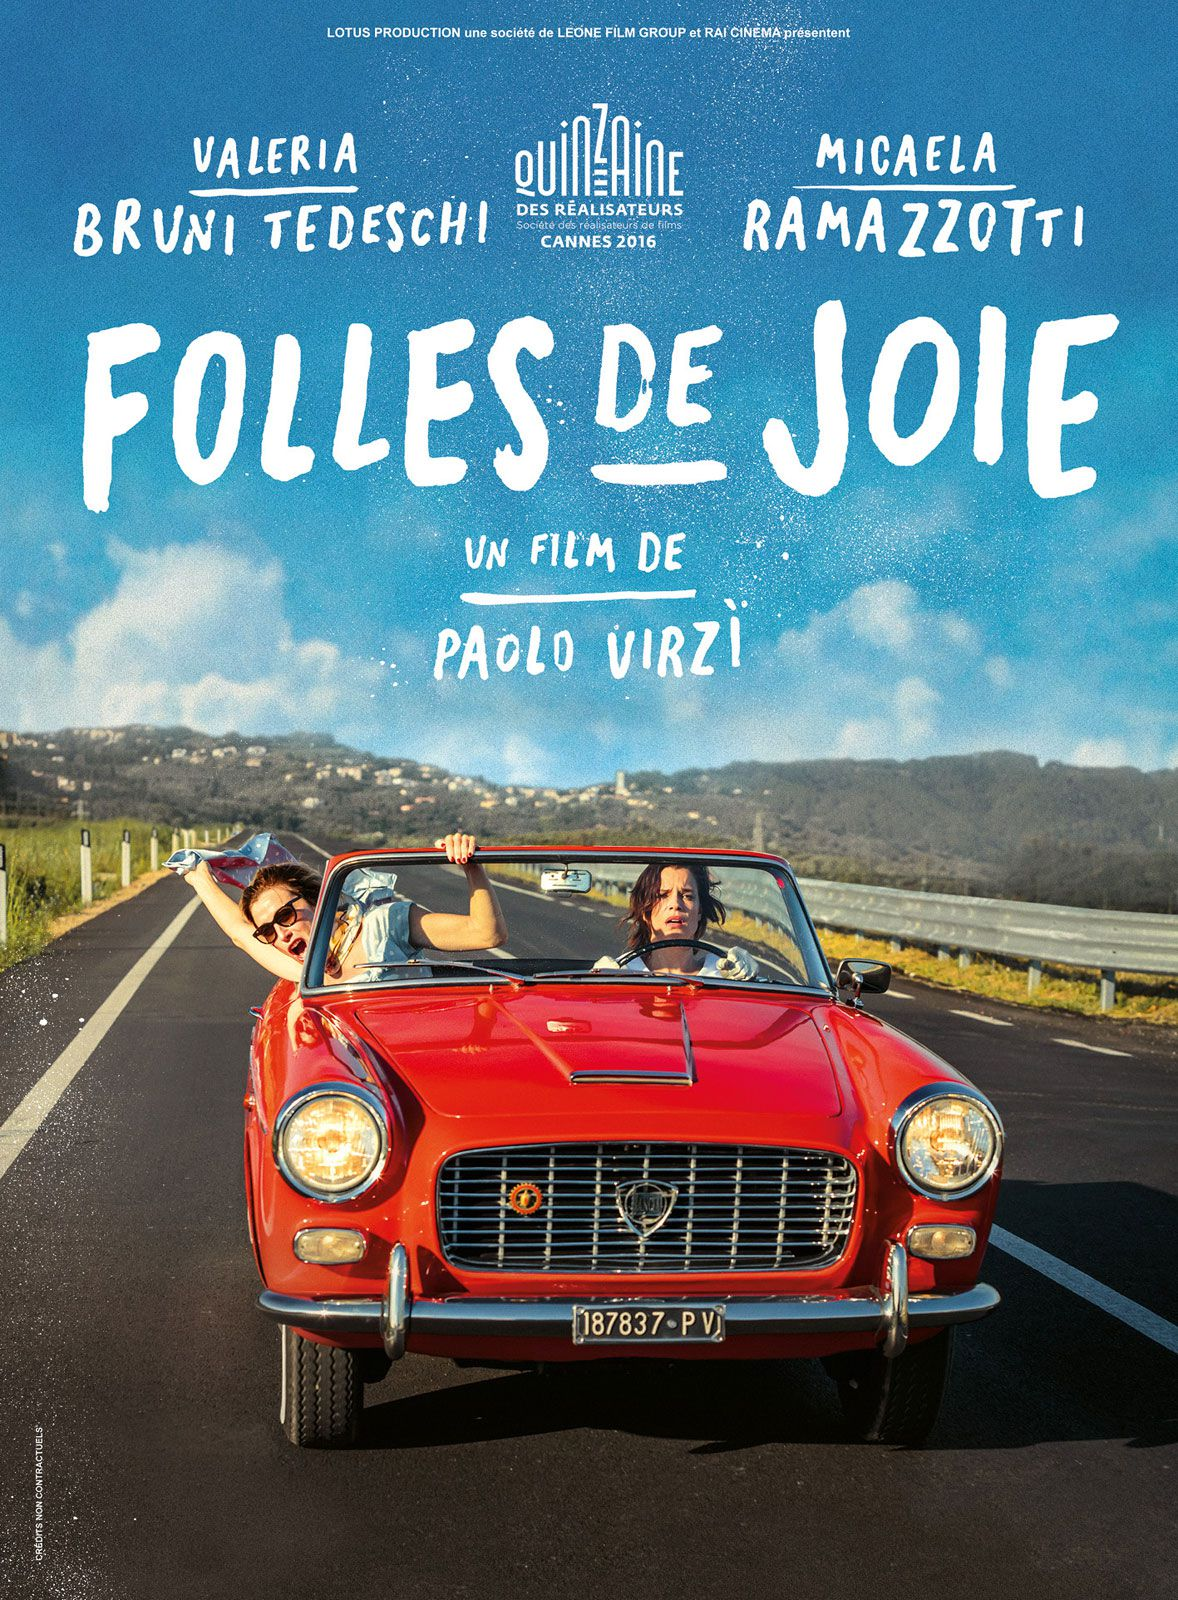 Folles de joie - Film (2016)